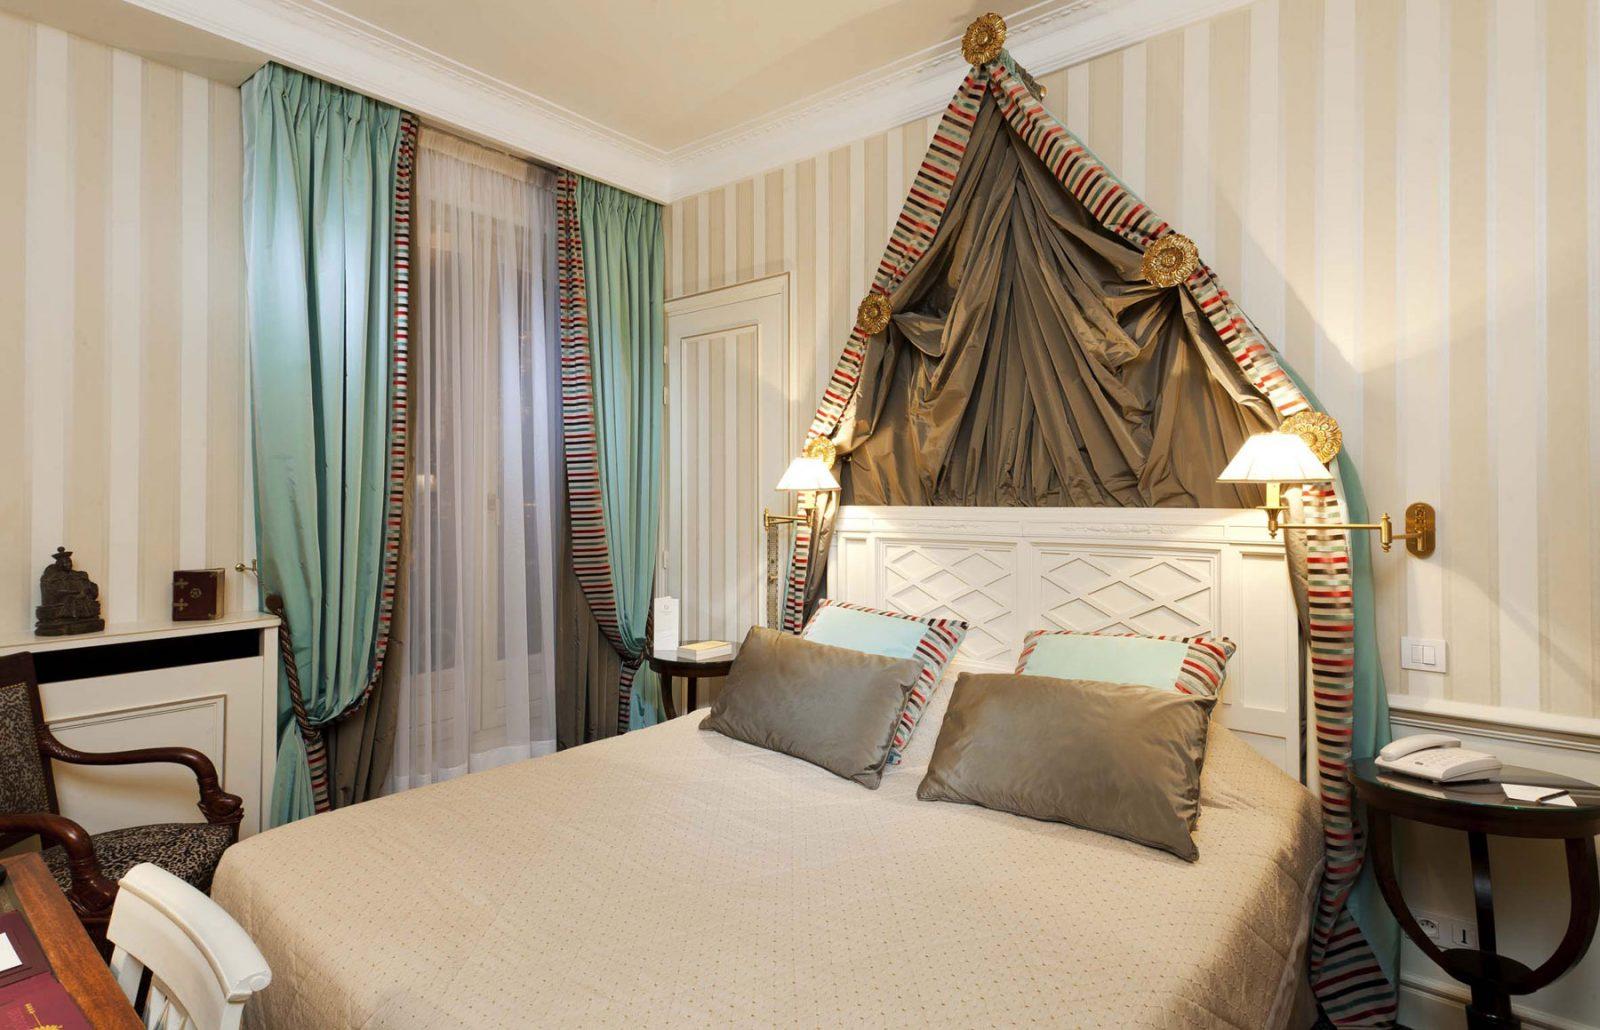 Decoracion Romantica Habitacion Hotel ~ Habitaci?n cl?sica rom?ntica  Im?genes y fotos